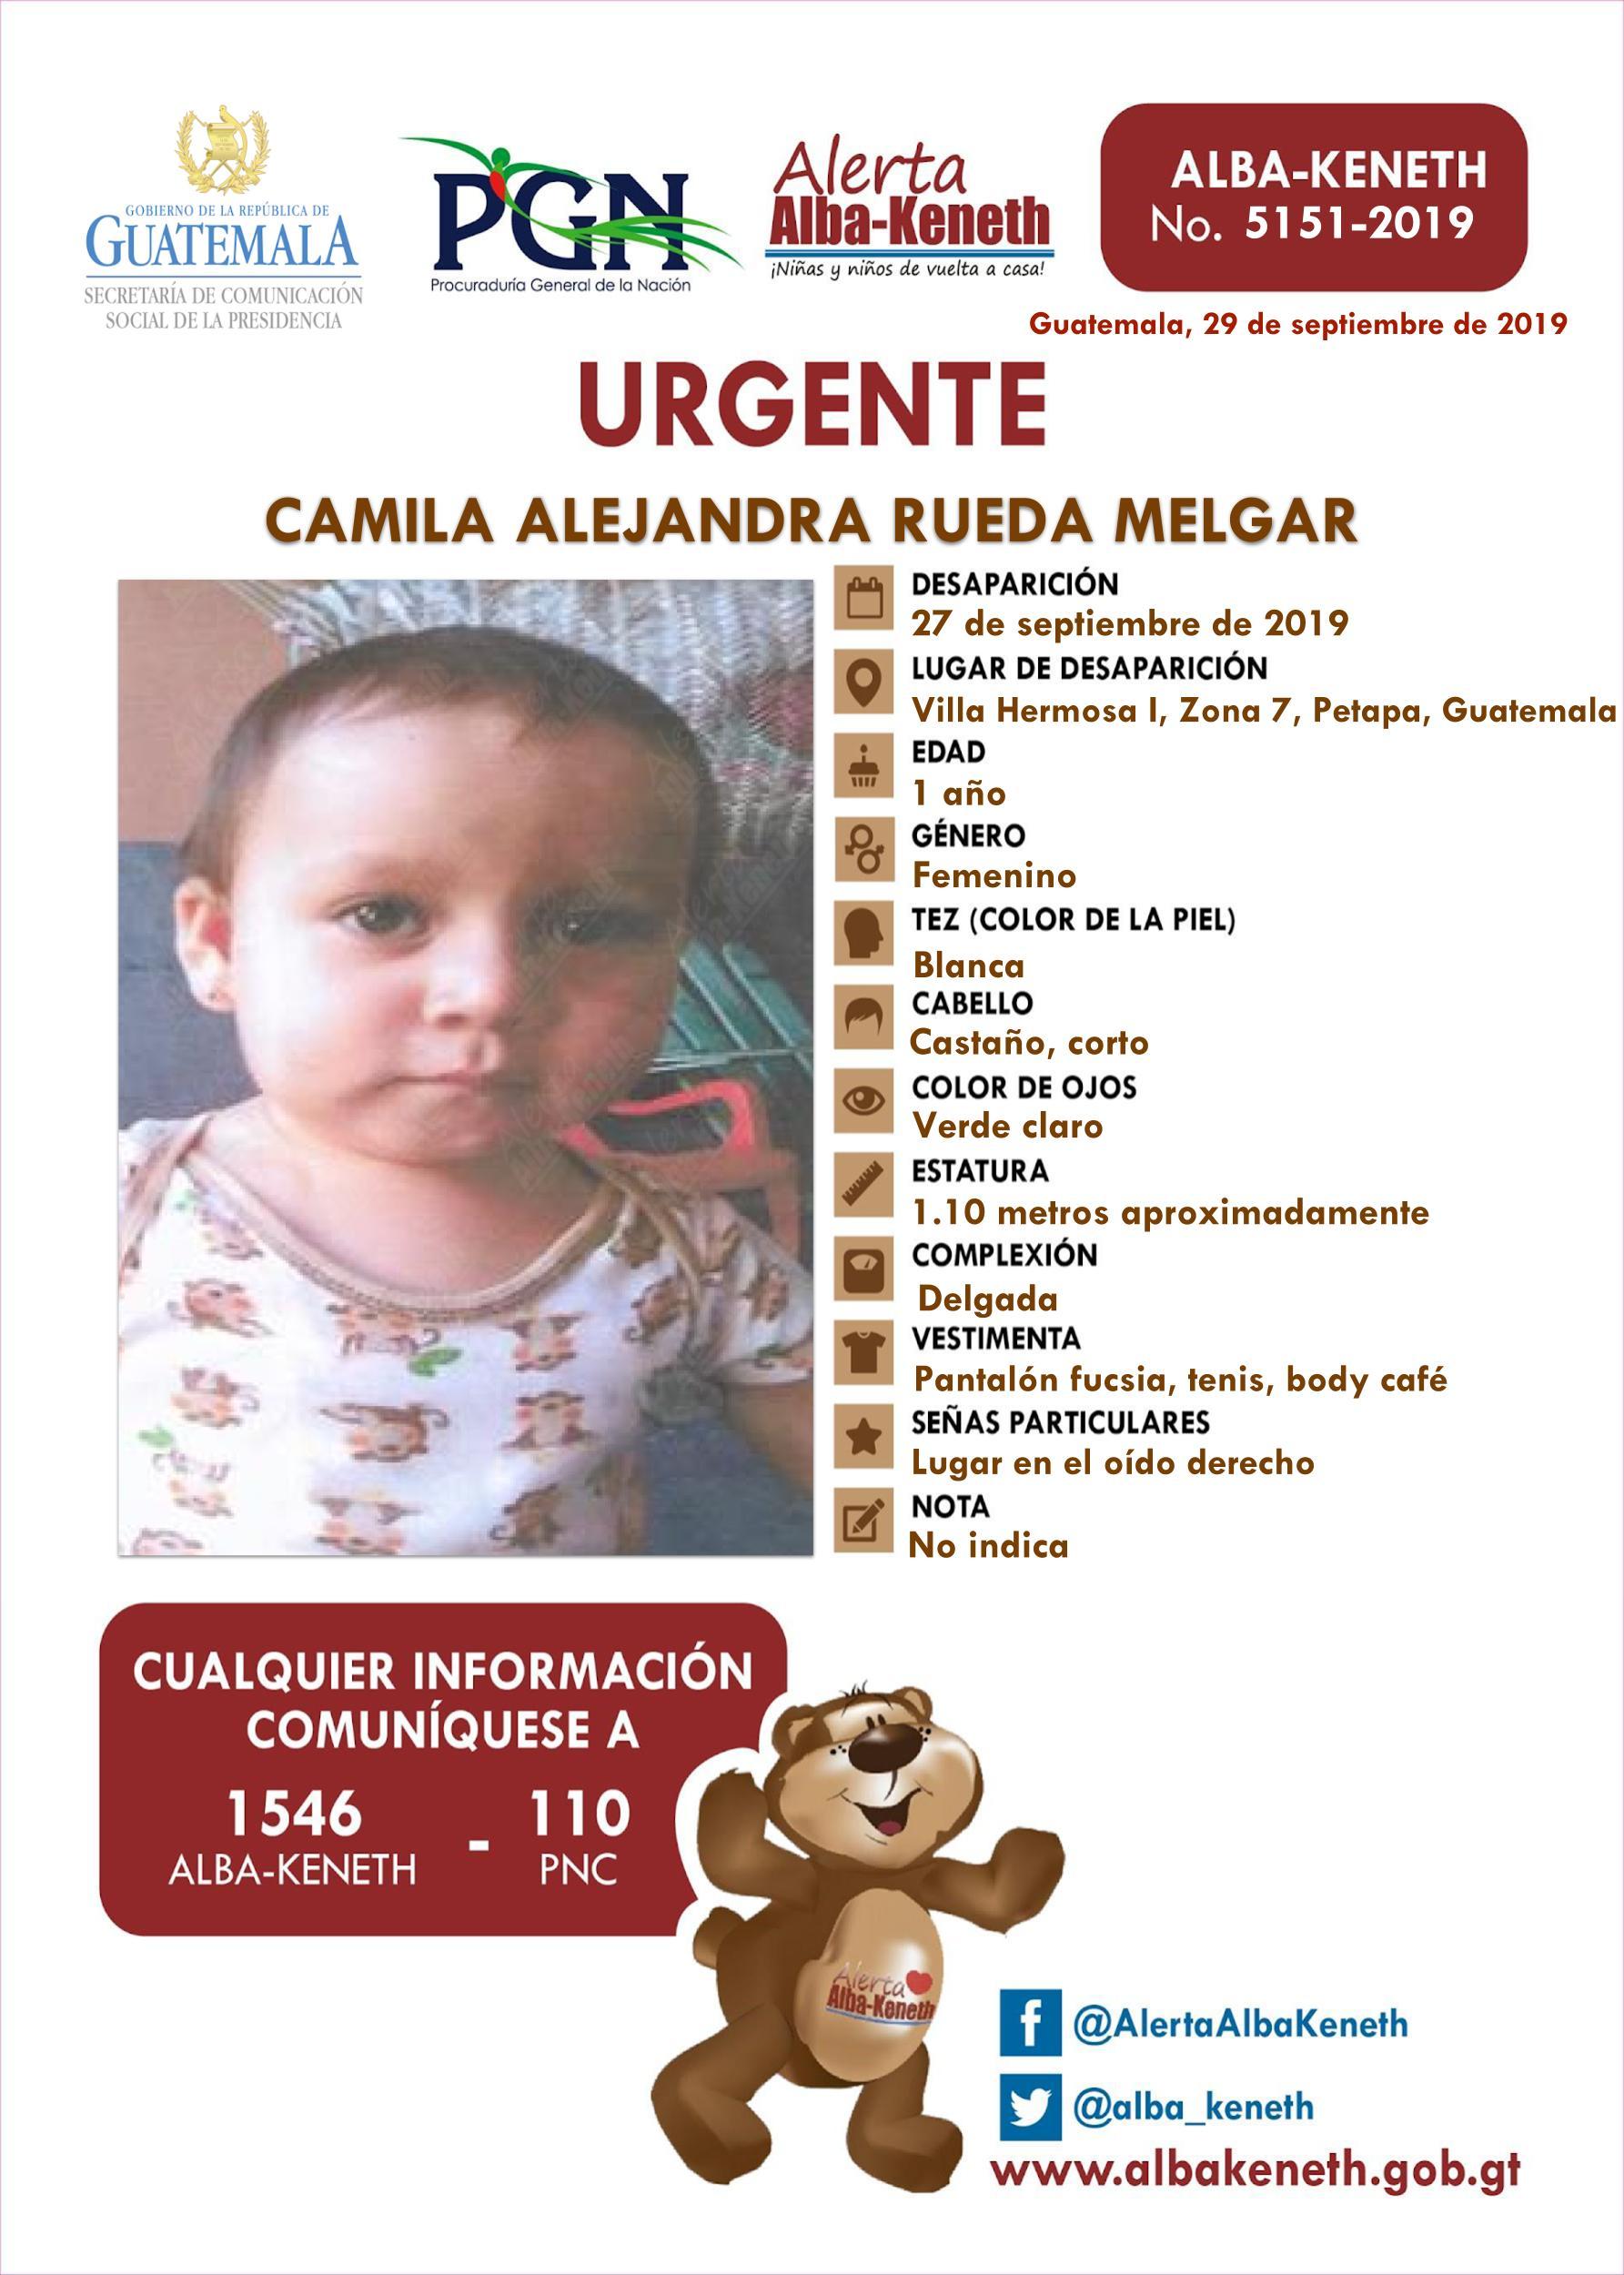 Camila Alejandra Rueda Melgar